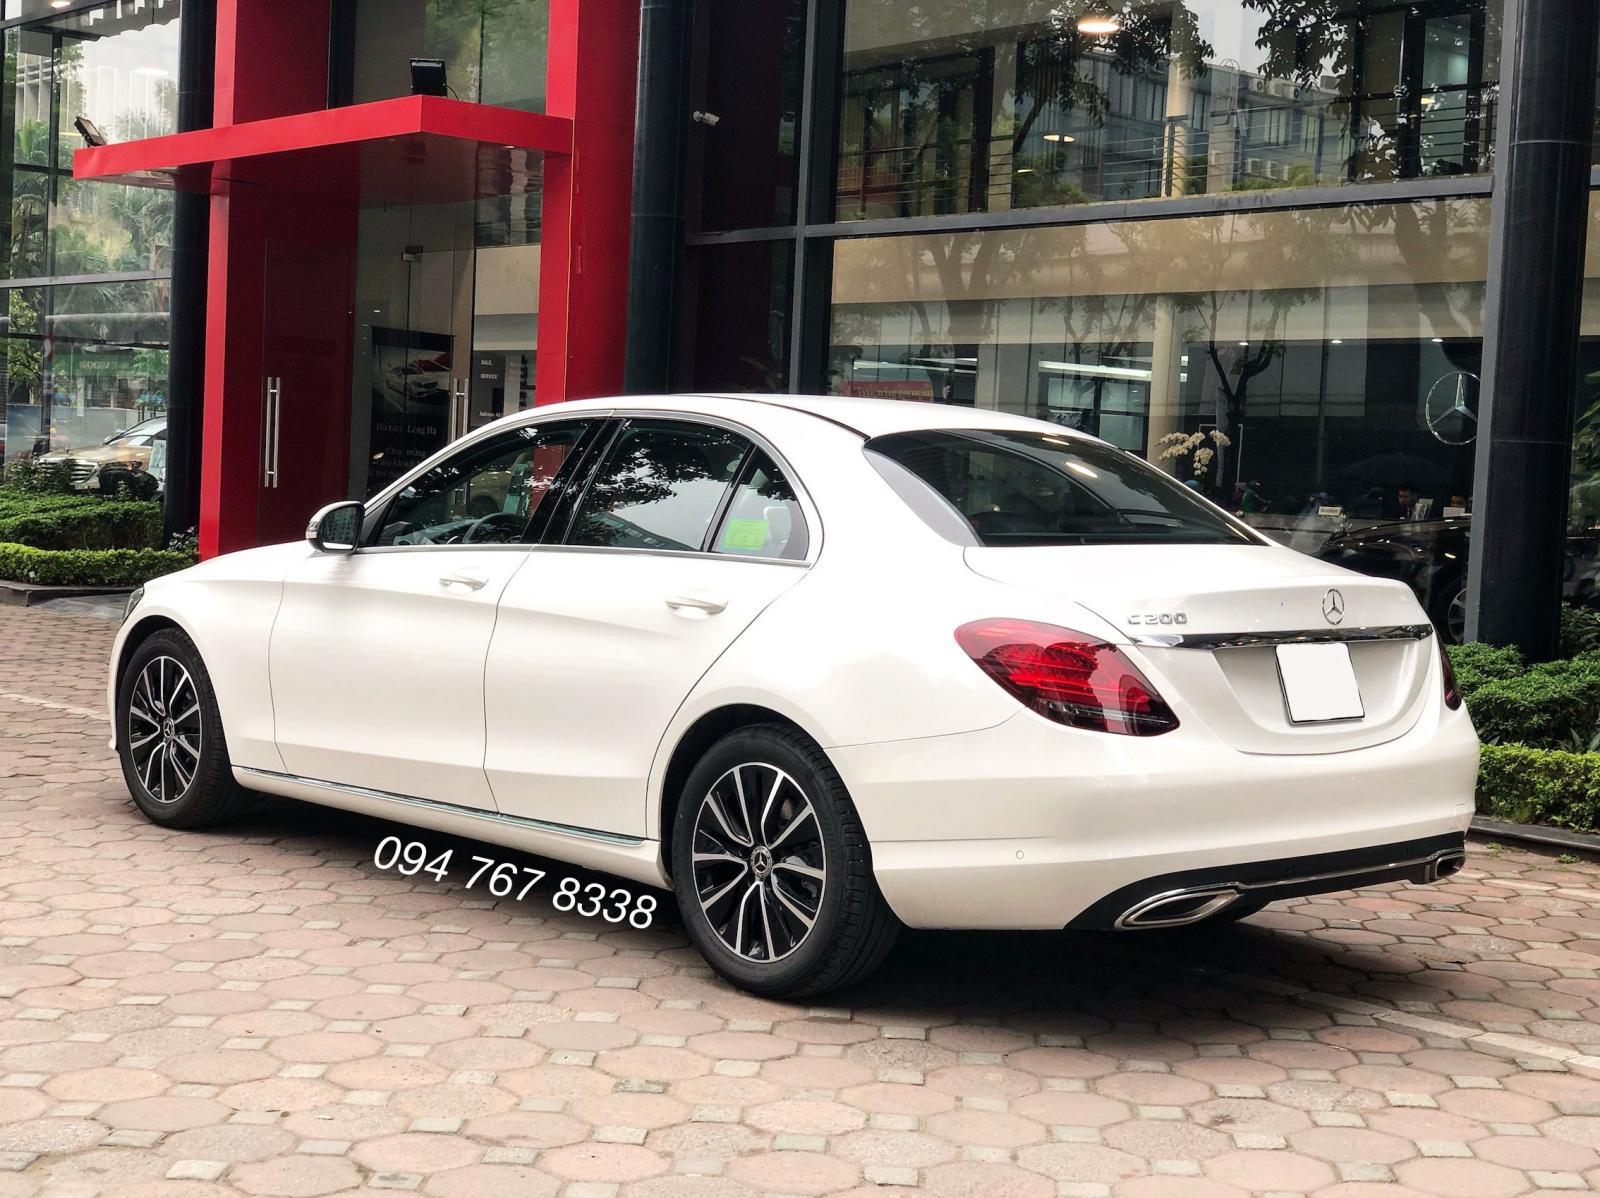 Cần bán gấp Mercedes C200 2019 màu Trắng chính chủ biển đẹp giá cực tốt